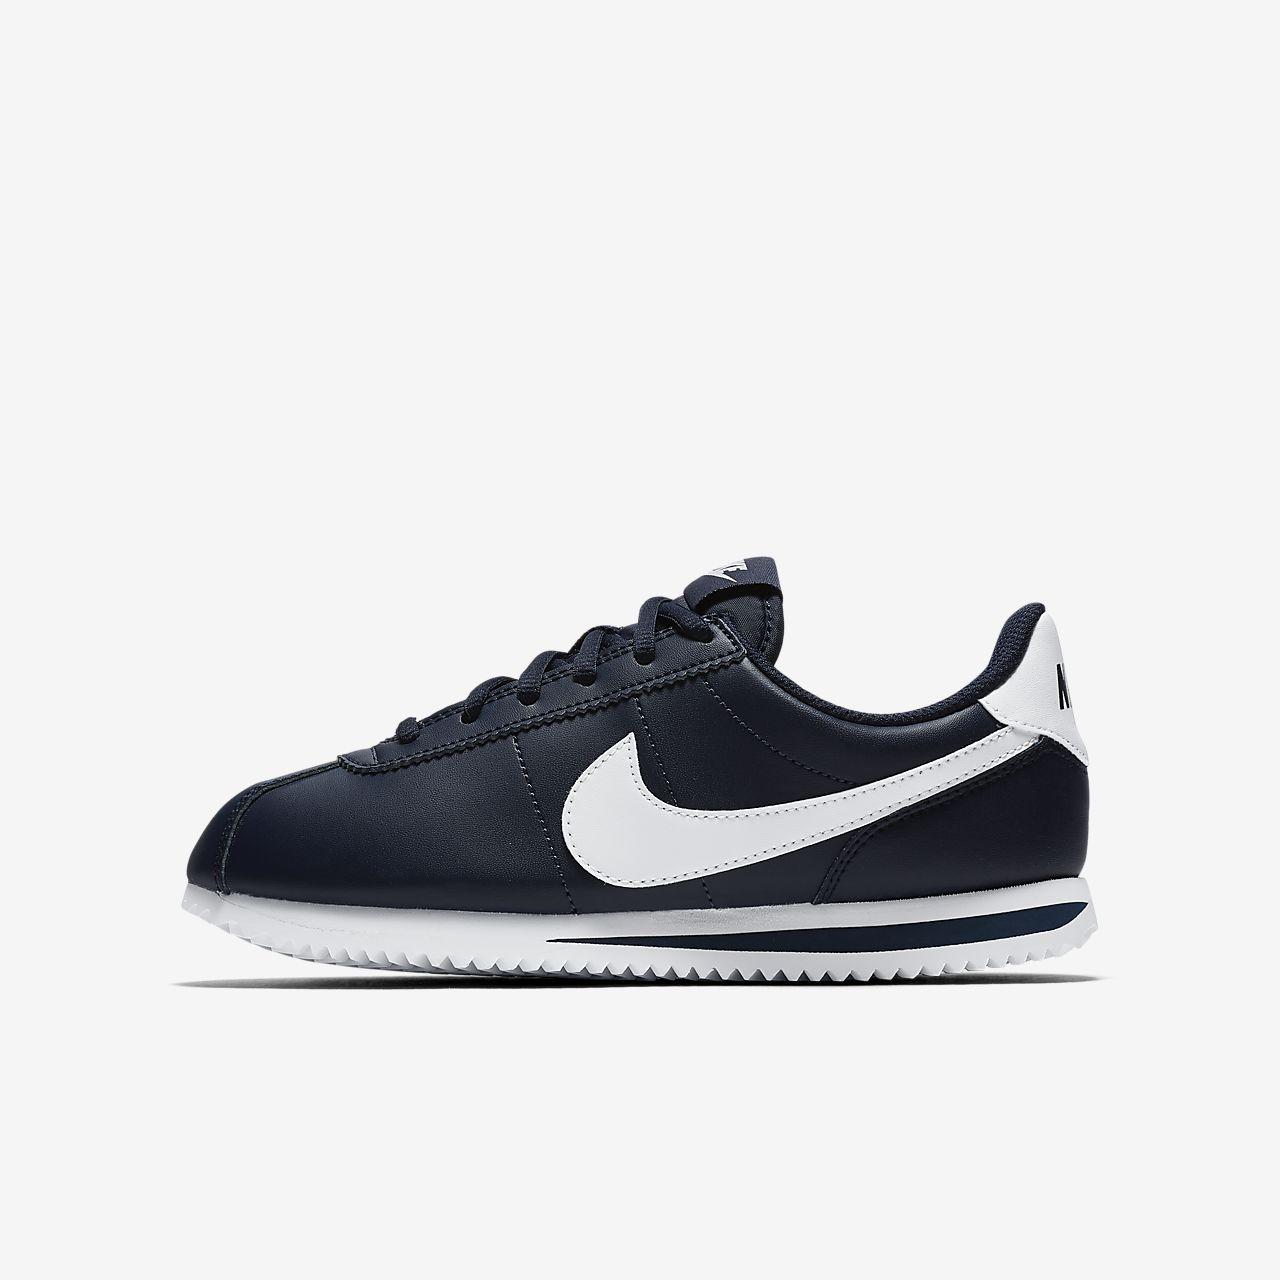 huge discount 9e607 3459d ... inexpensive nike cortez basic sl older kids shoe 0ee03 1758f